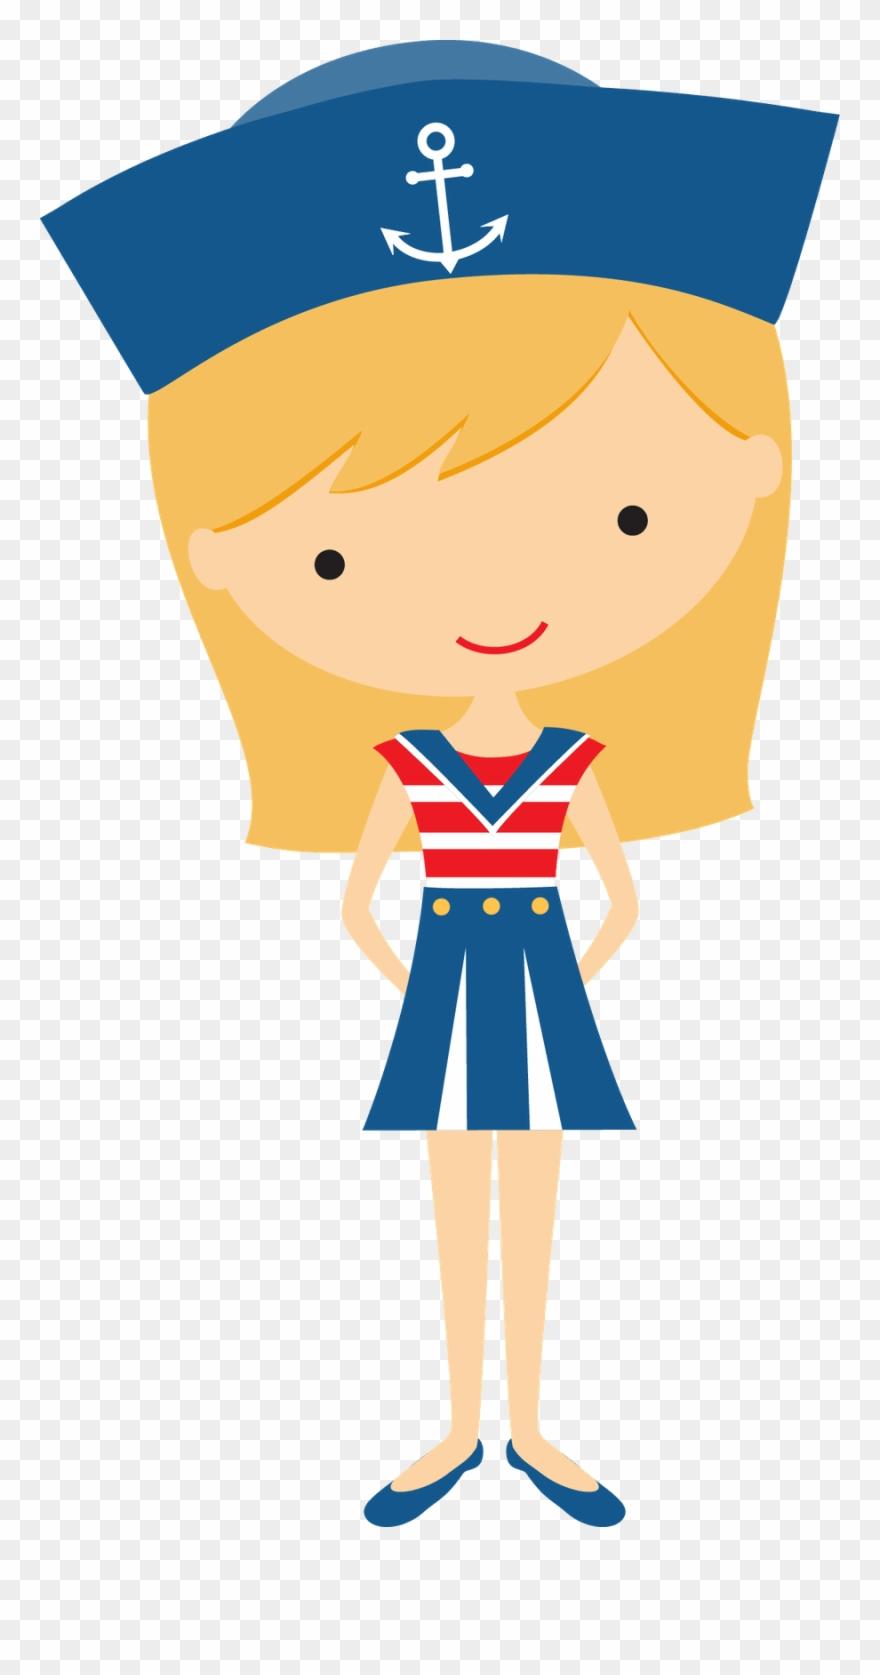 Sailor Girl Clip Art.